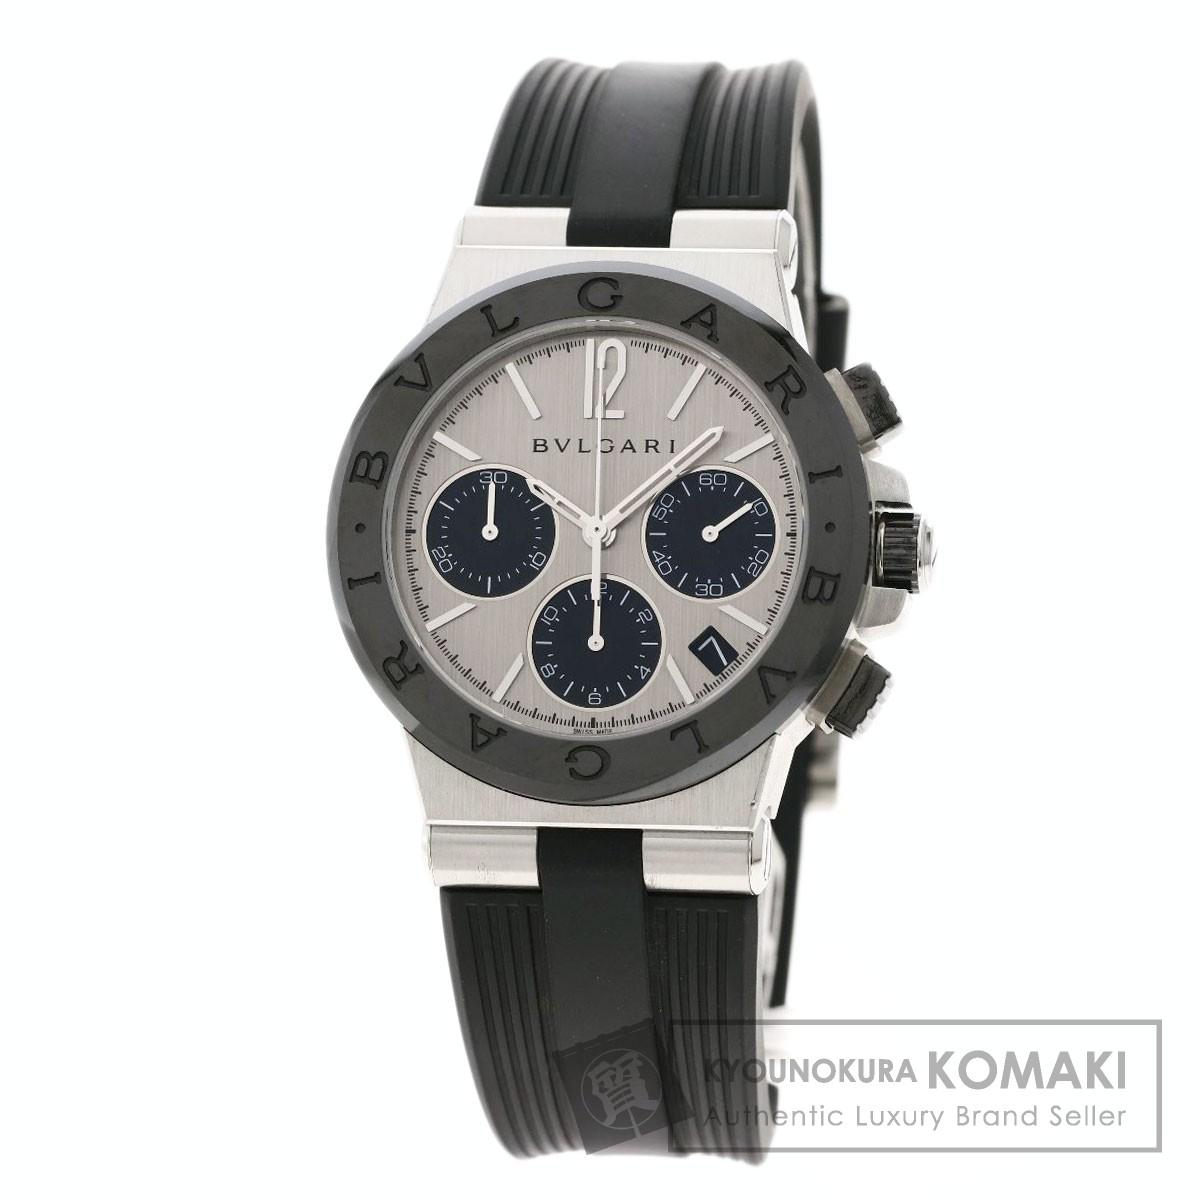 激安特価  ブルガリ DG37SCCH ディアゴノ 腕時計 ステンレススチール/ラバー/セラミック メンズ 【】【BVLGARI】, ルベシベチョウ 8252101e